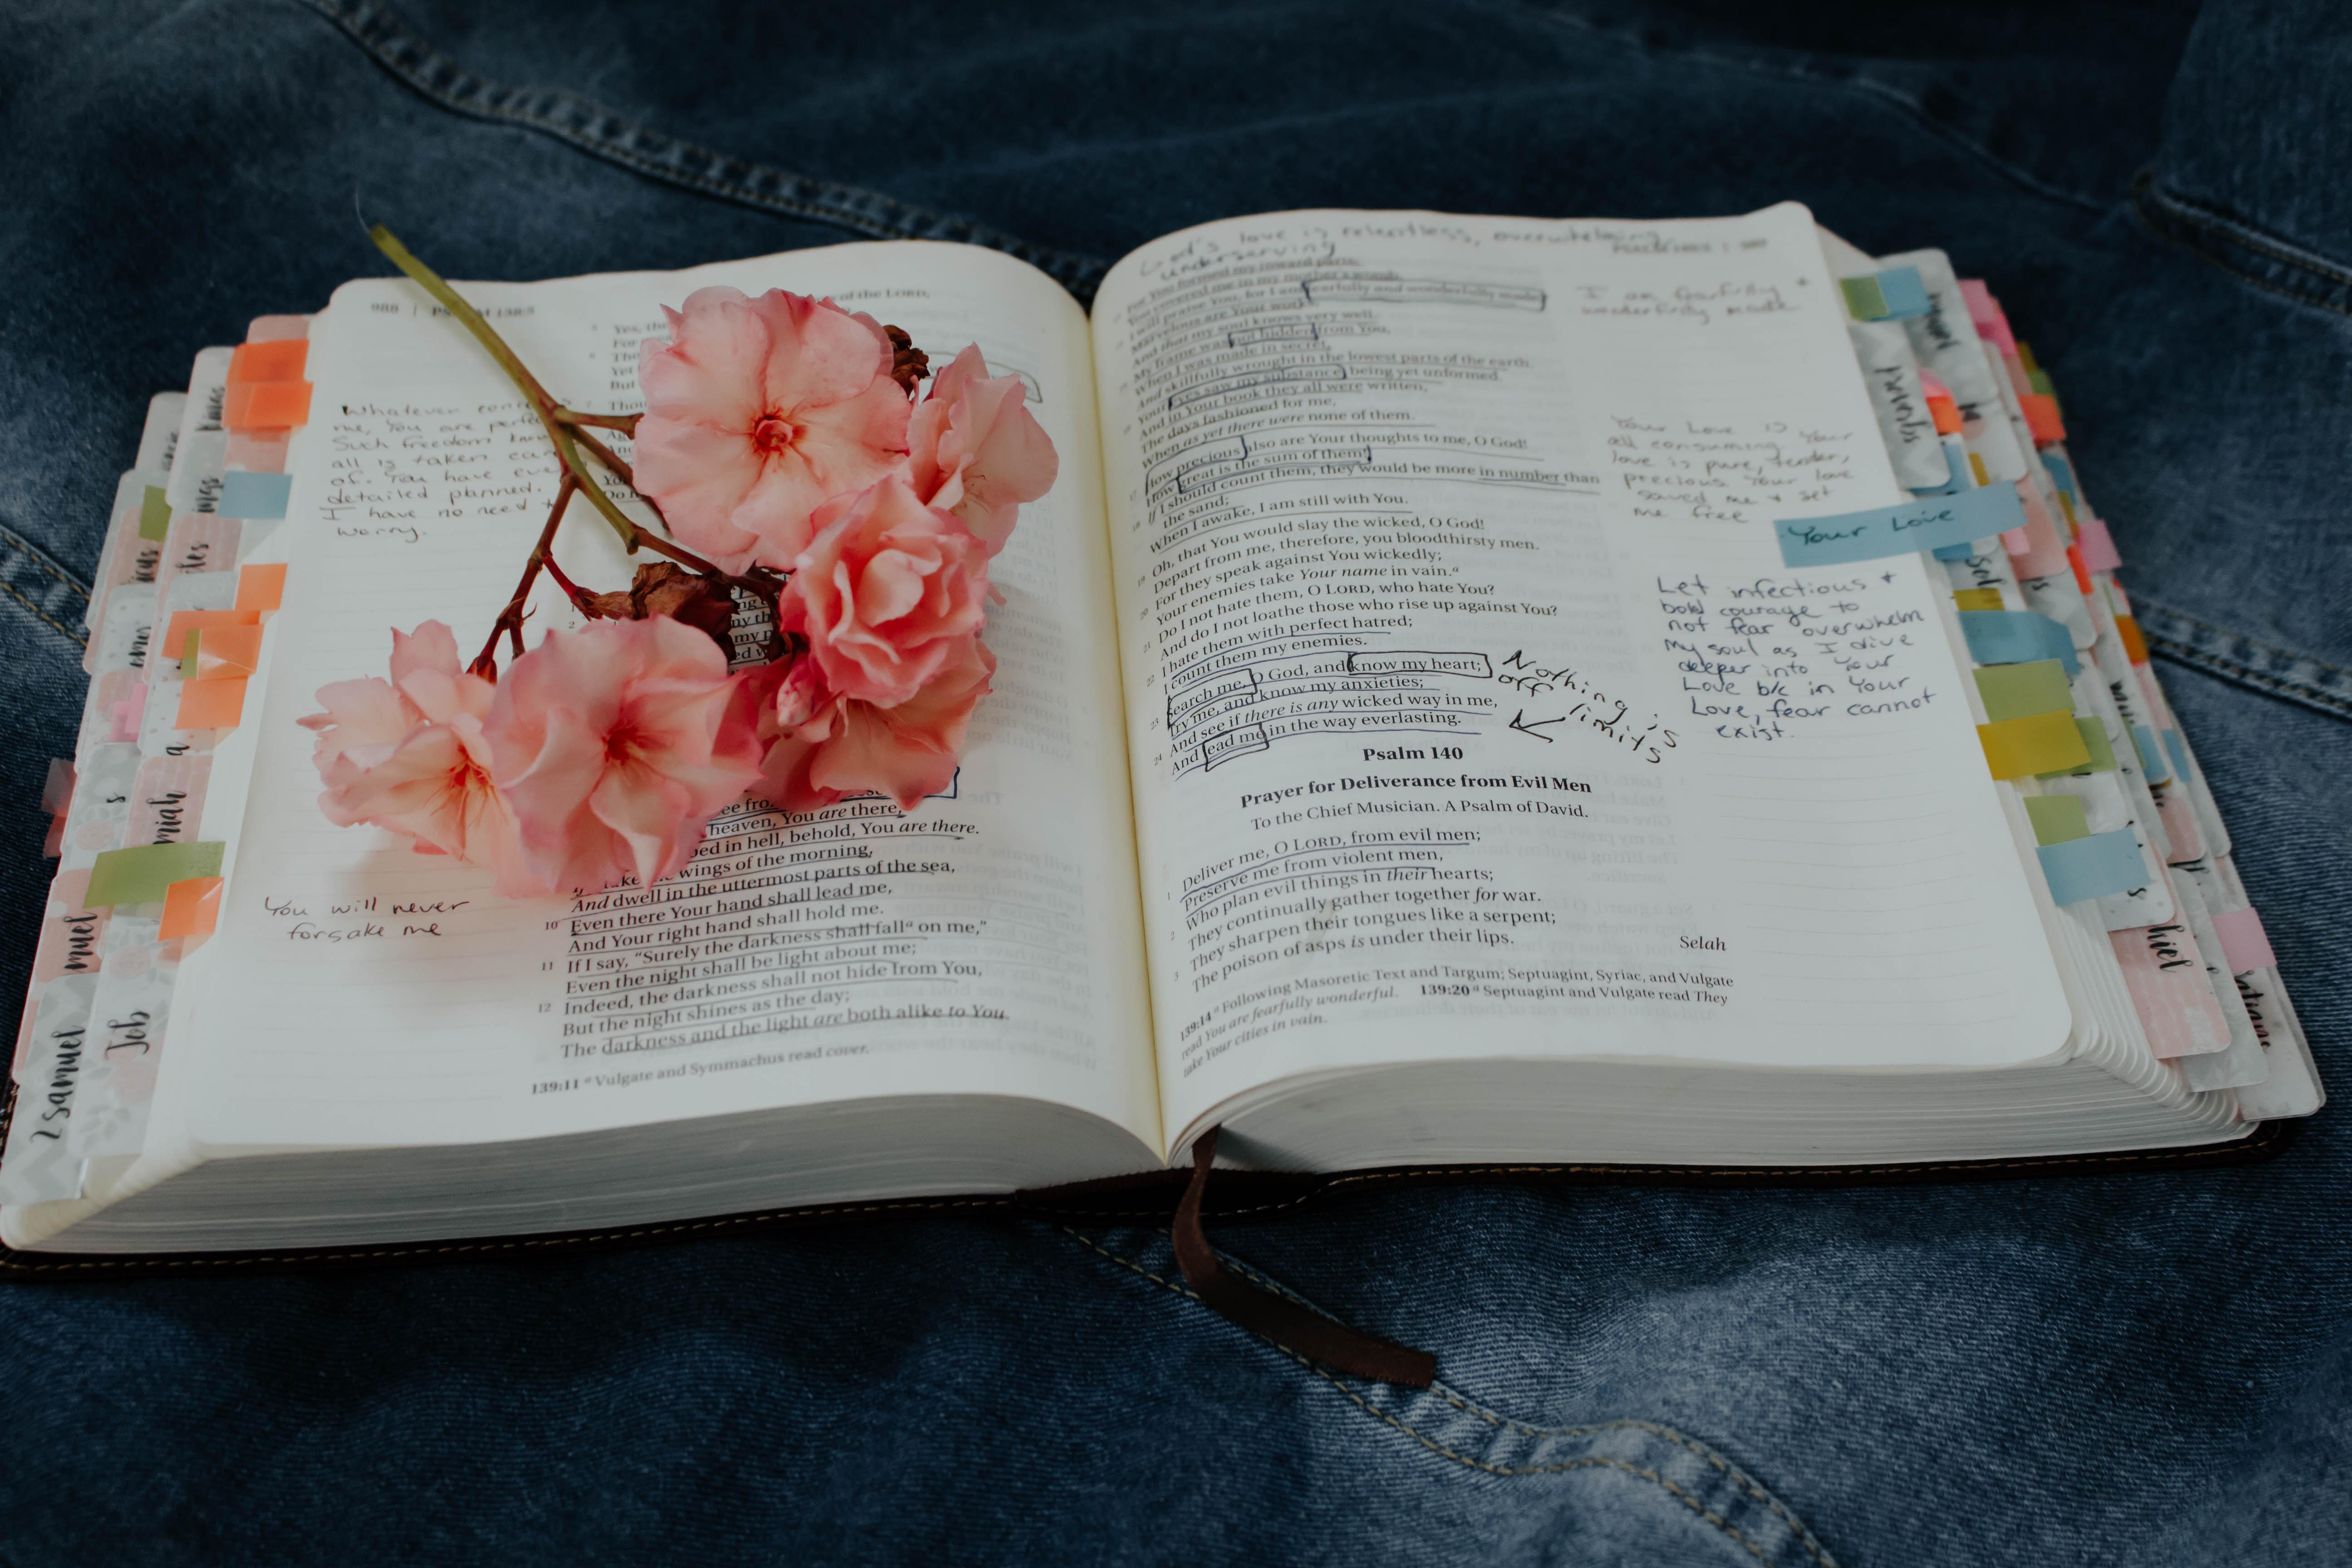 pink petaled flower on book